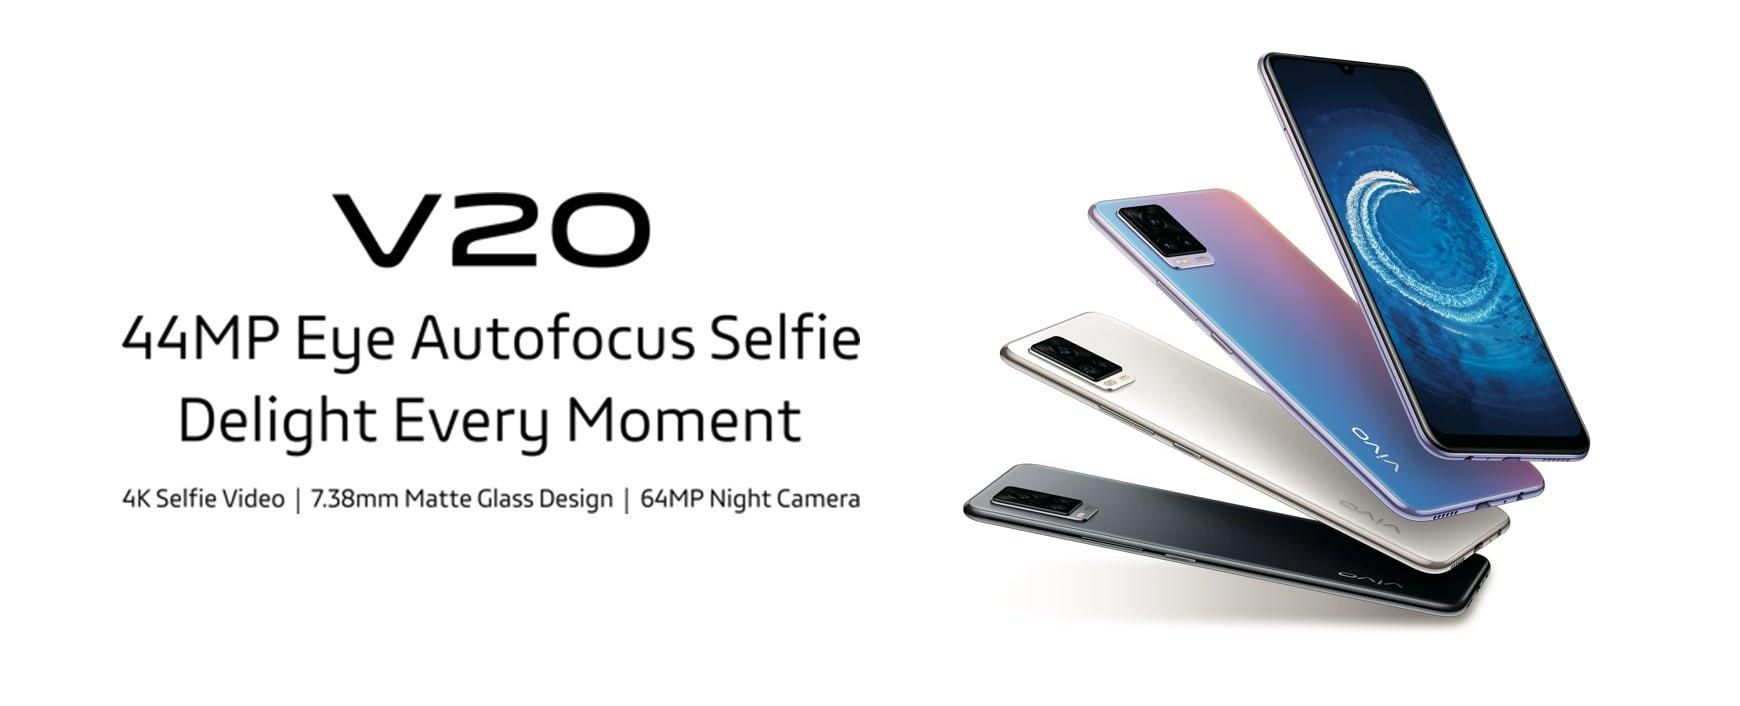 Vivo Smartphone V20